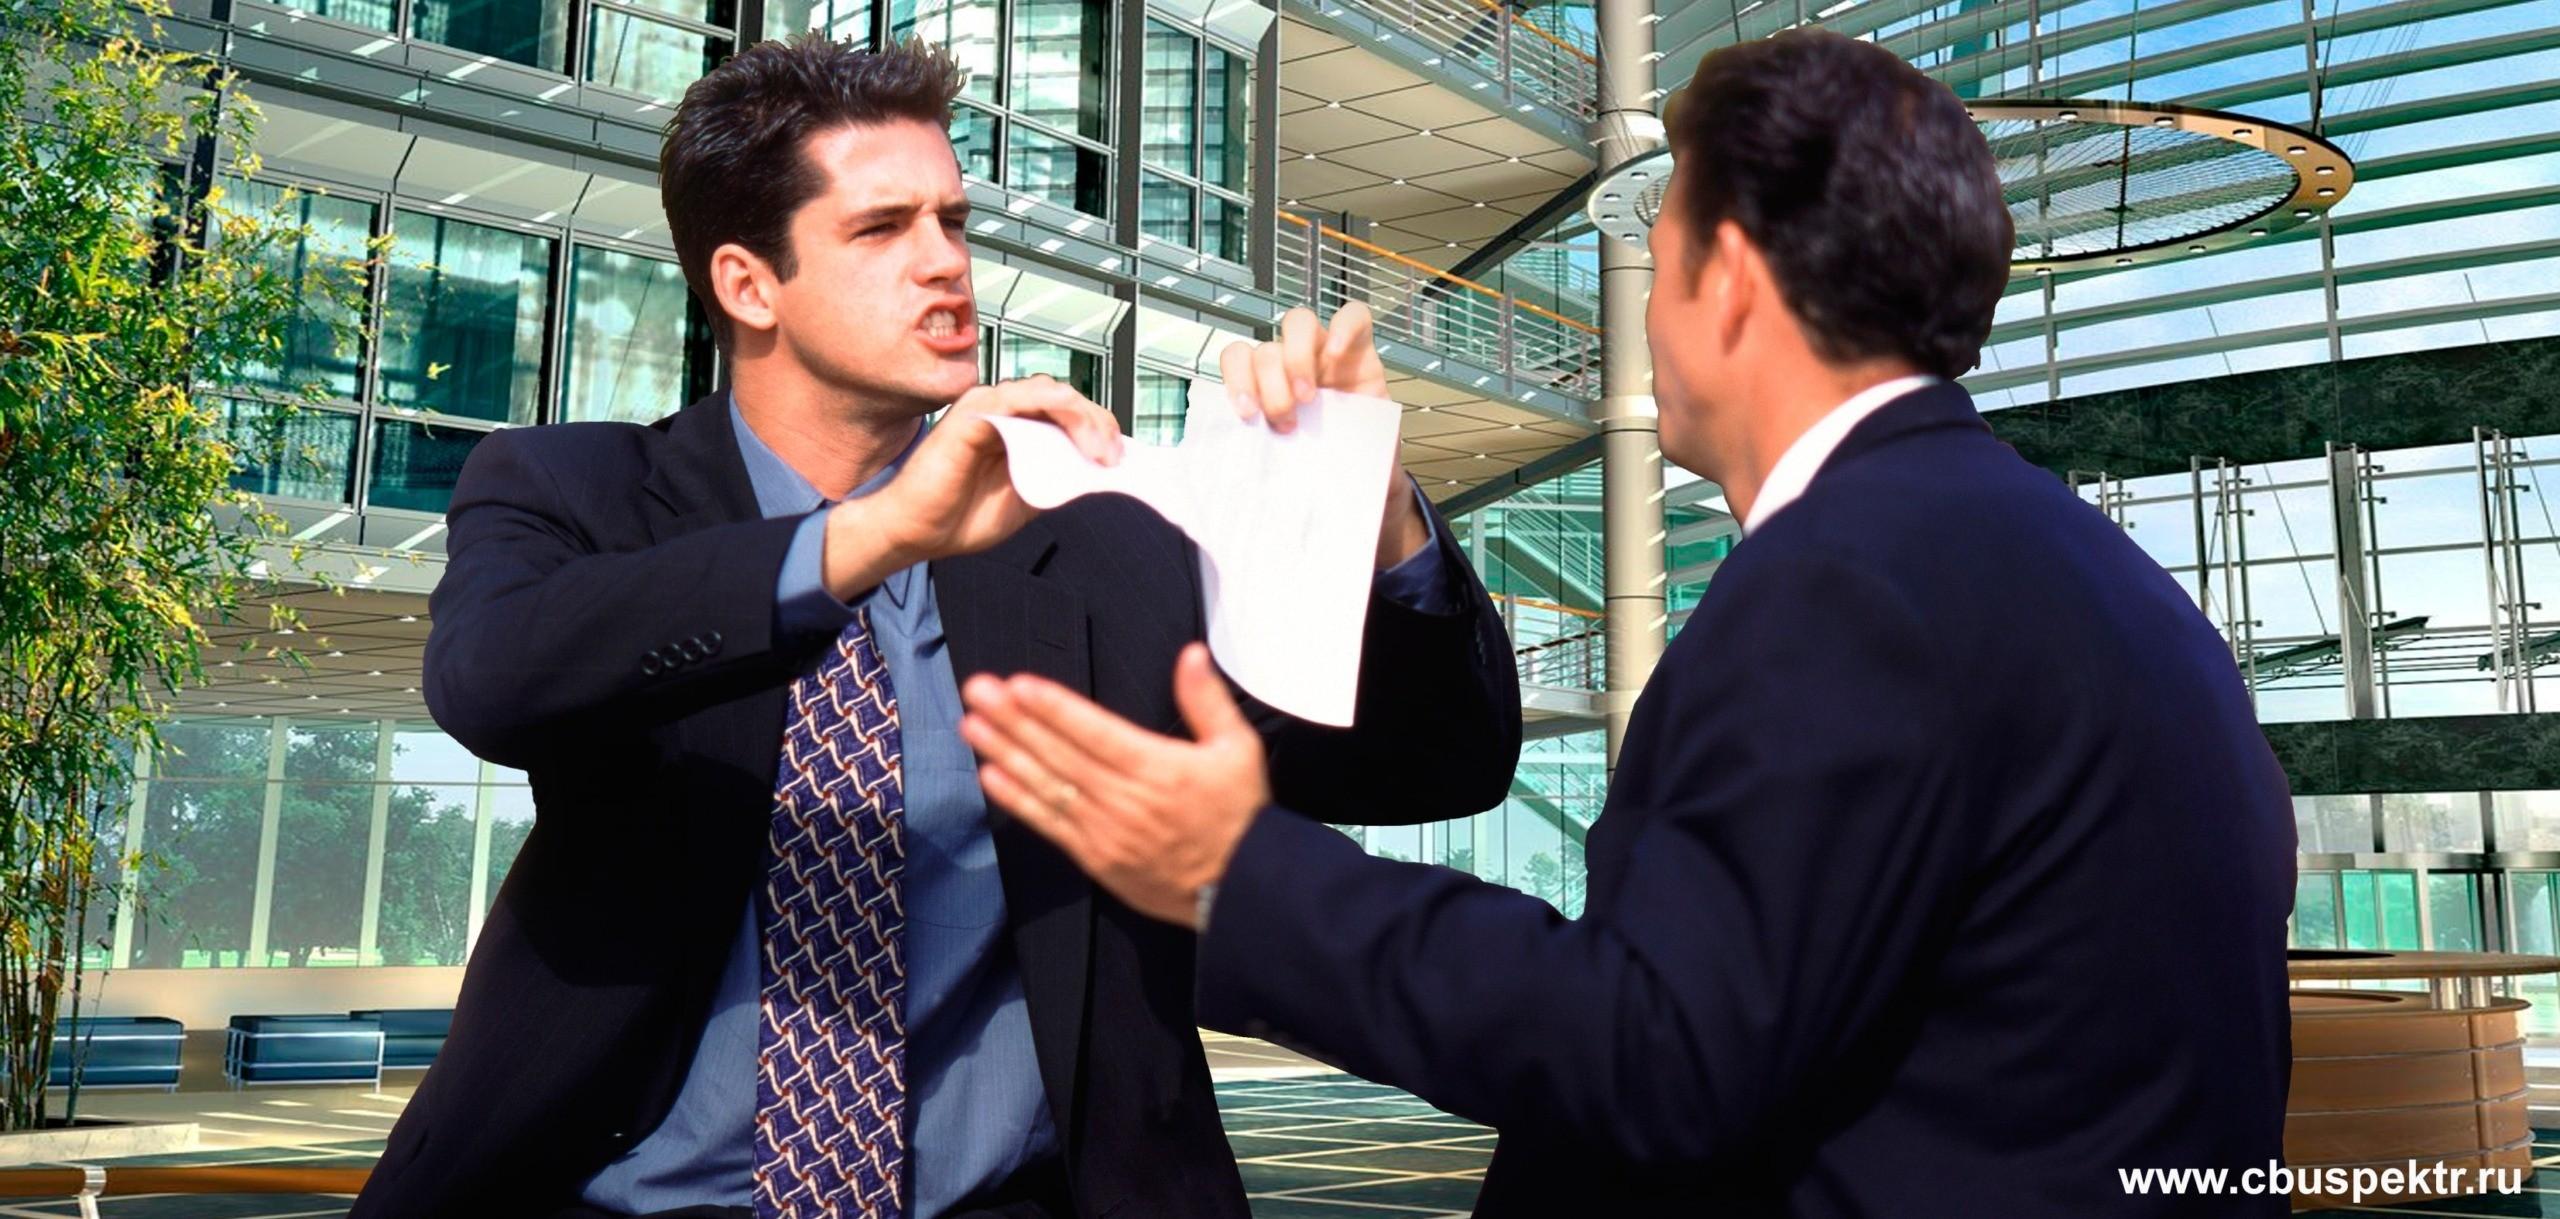 Предприниматель рвет договор на глазах у контрагента